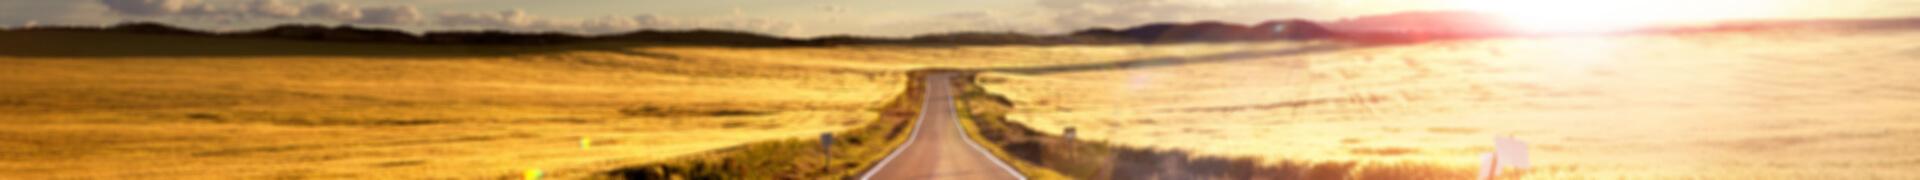 novo-viajar-barato